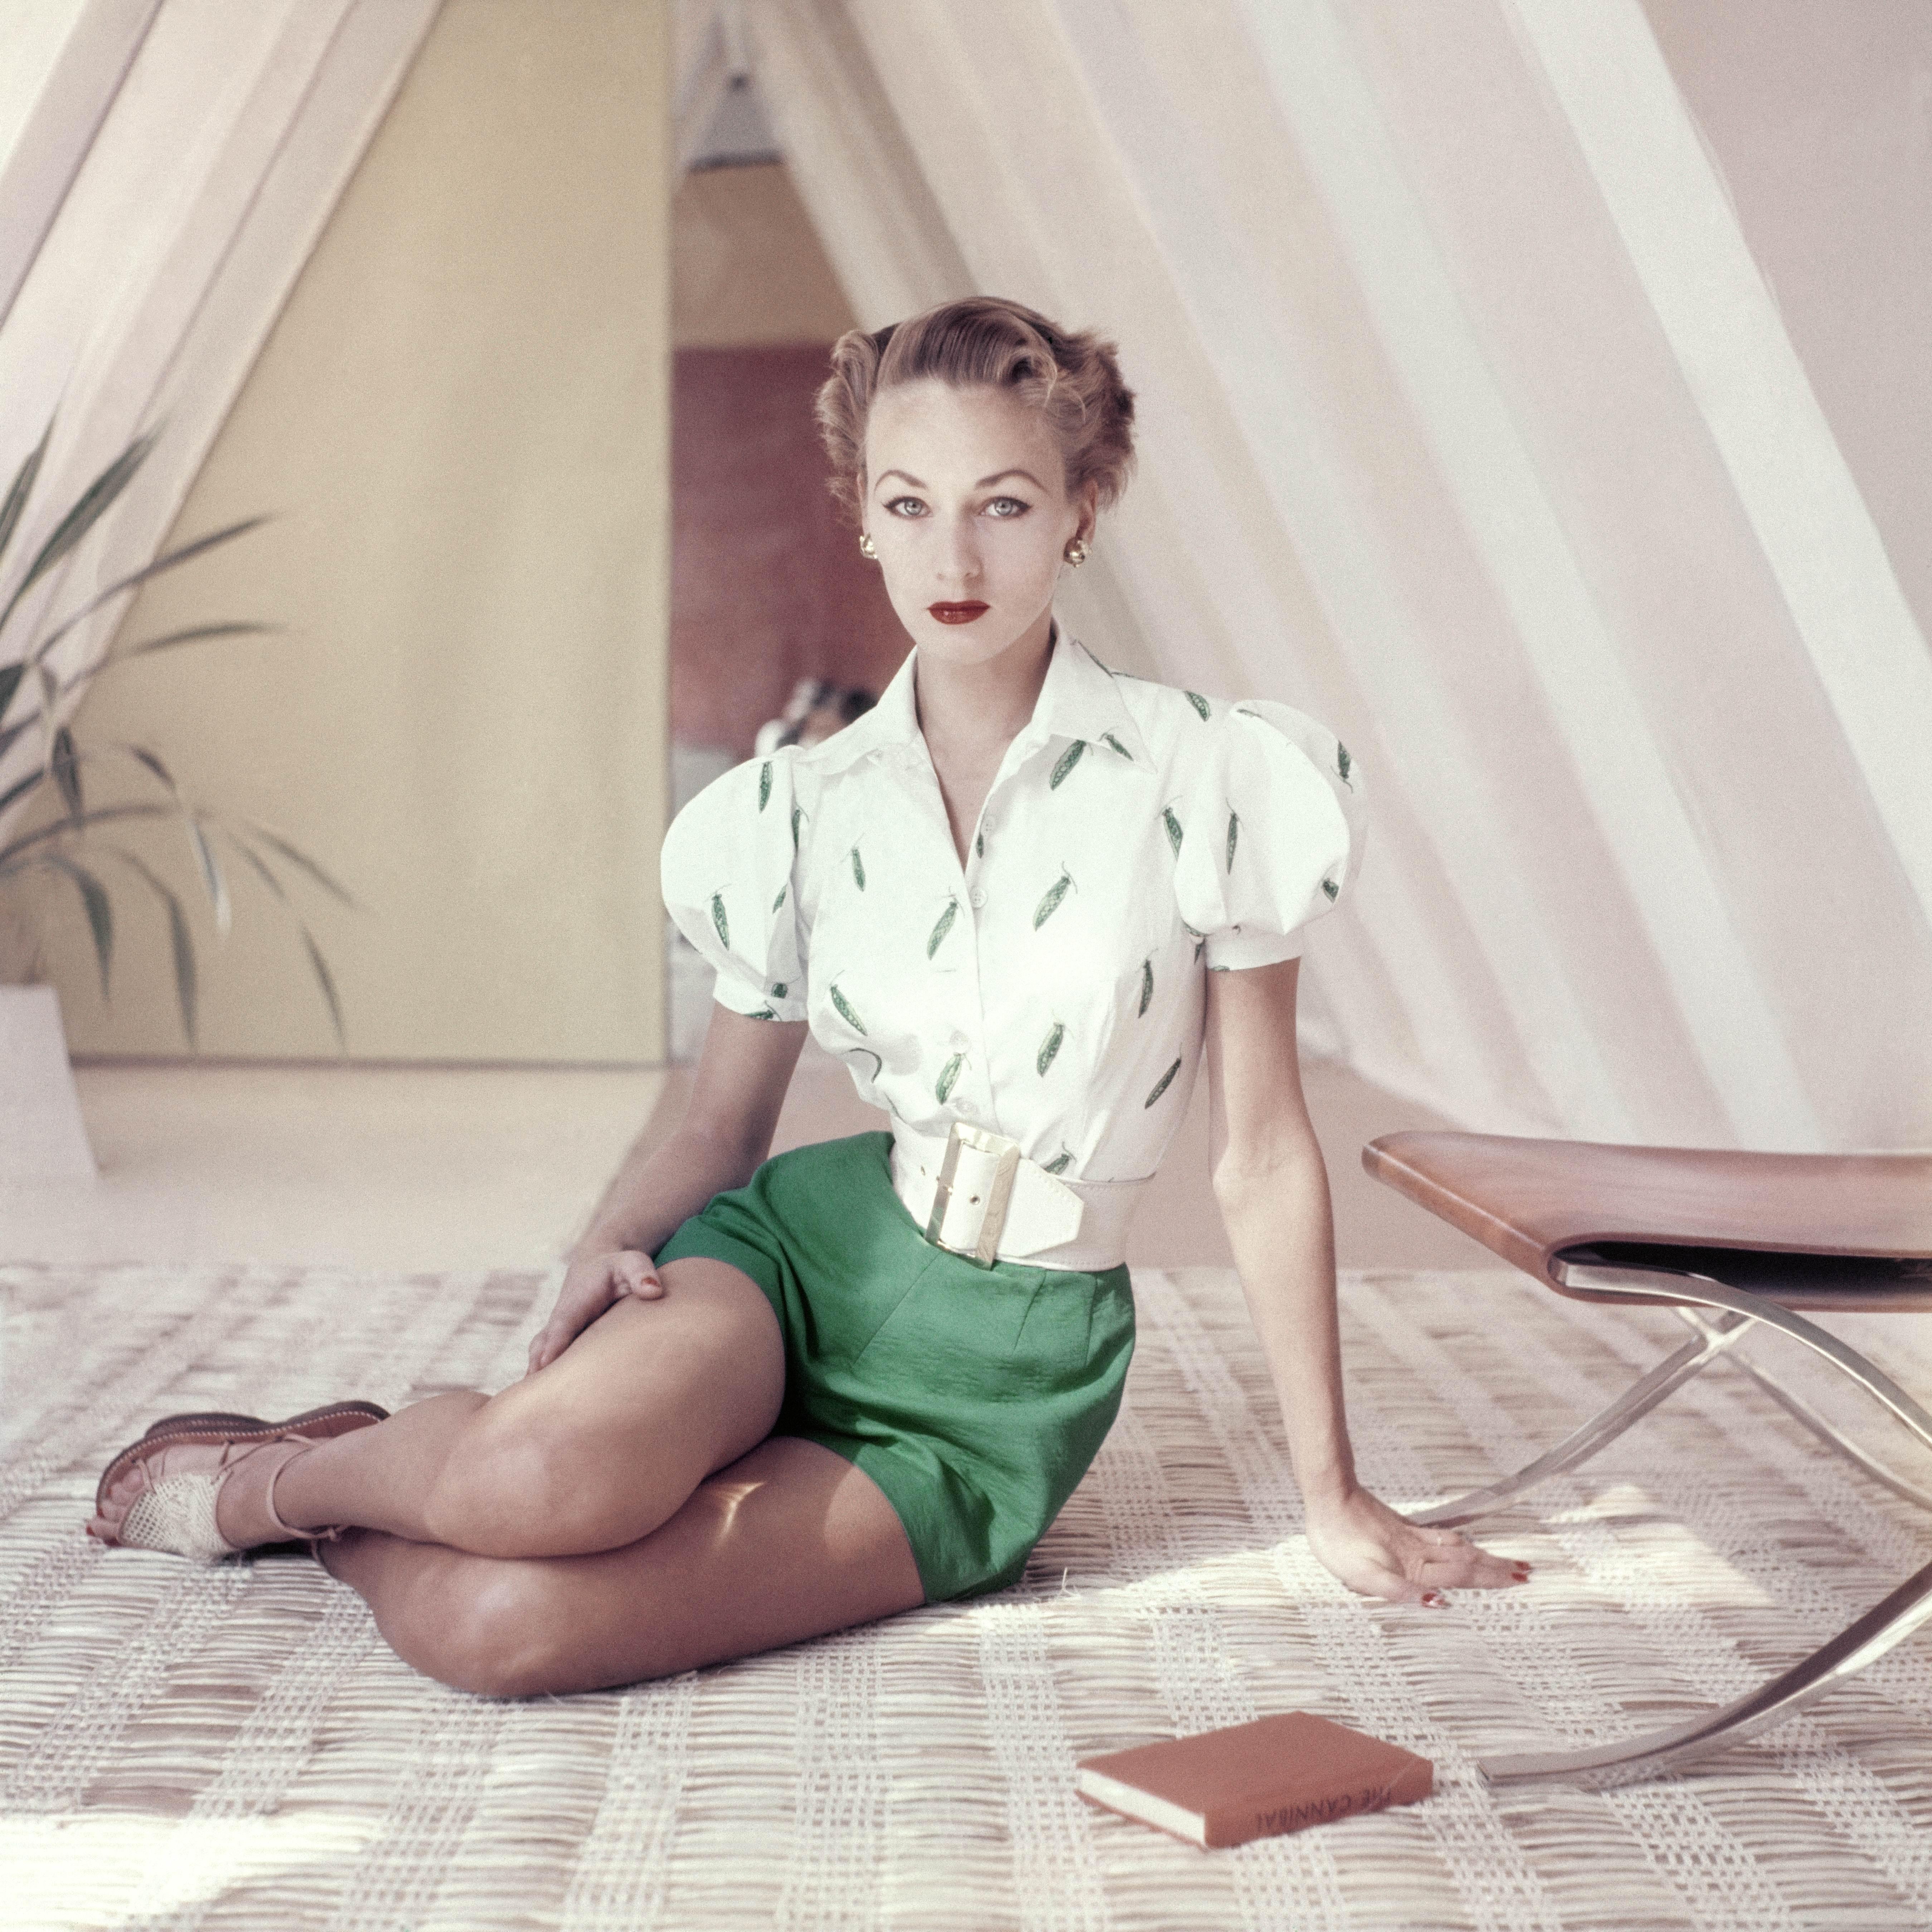 Modelka w modnych zielonych szortach w sesji dla Vogue'a w połowie lat 50.